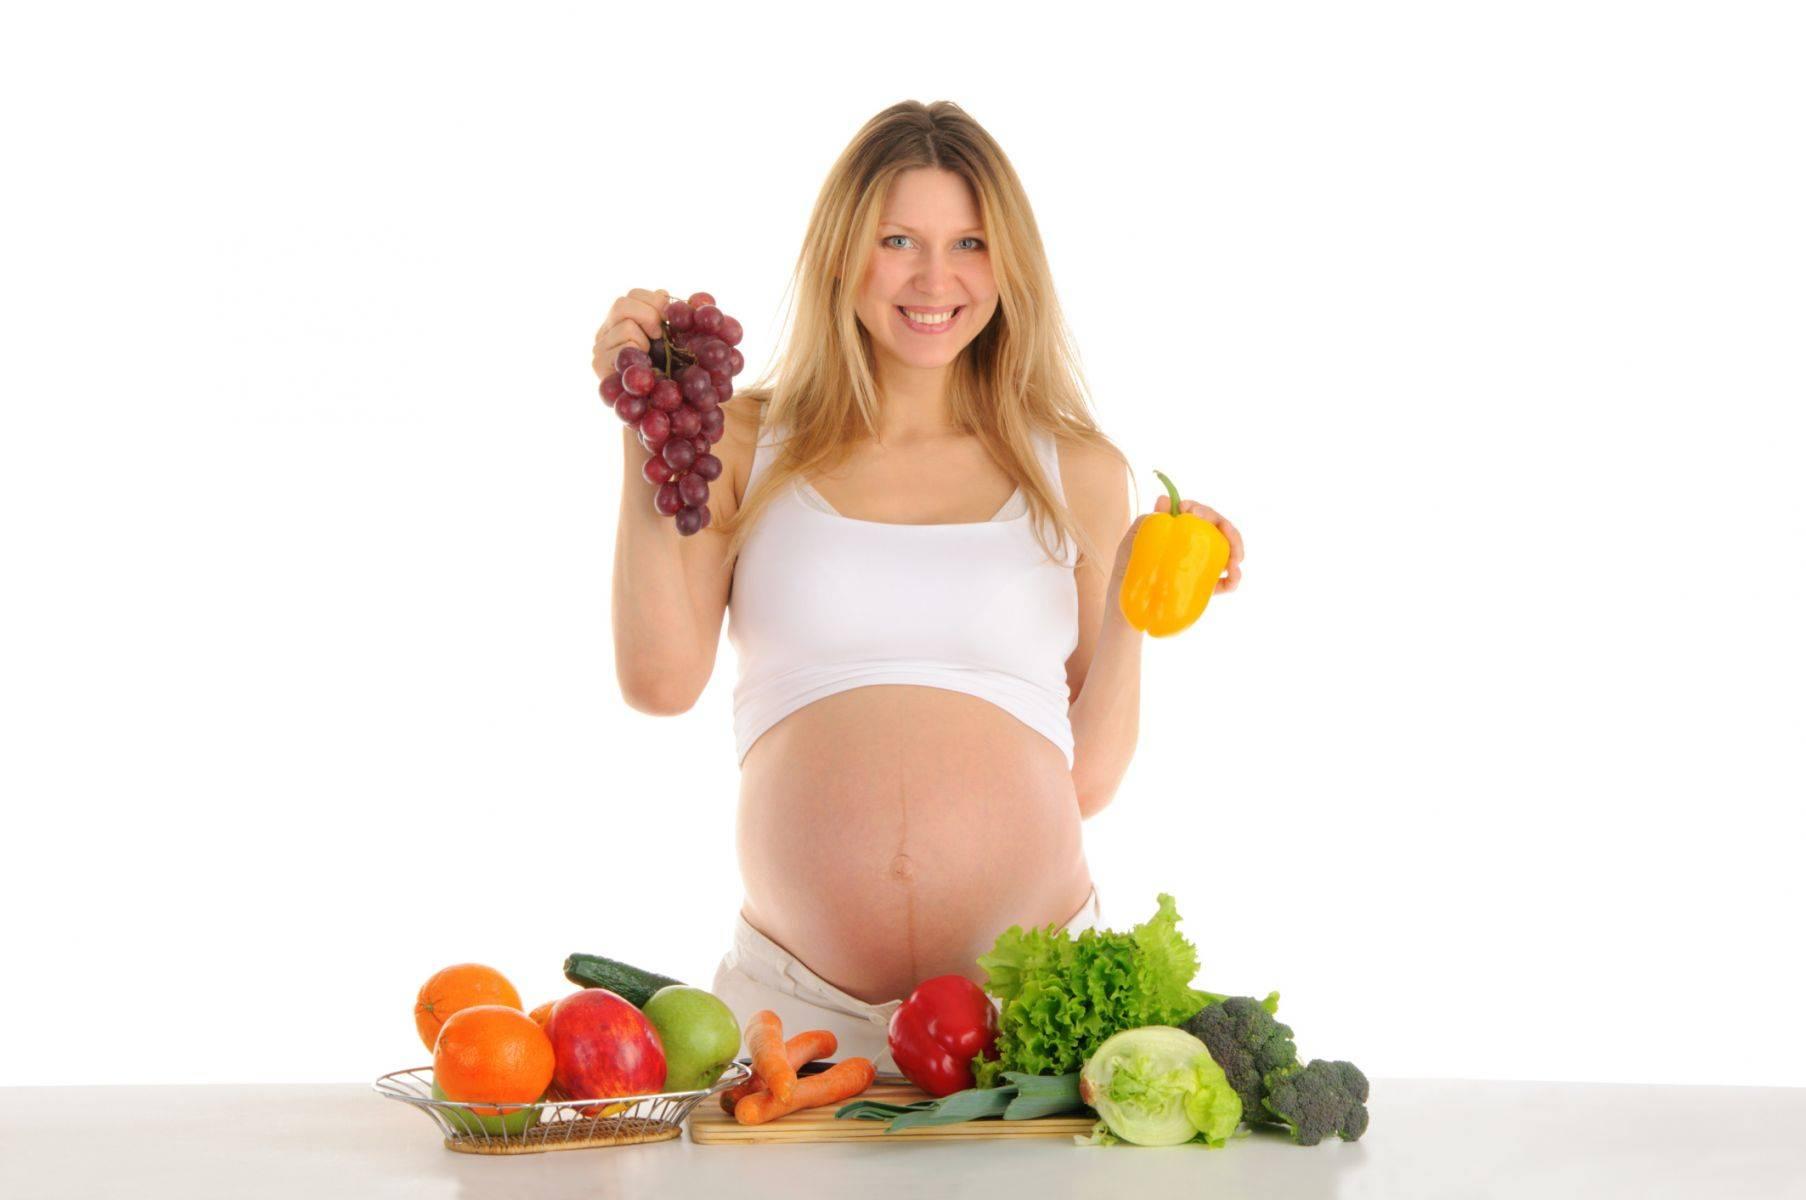 Мед при беременности - можно ли мед, мед с молоком, во 2 триместре